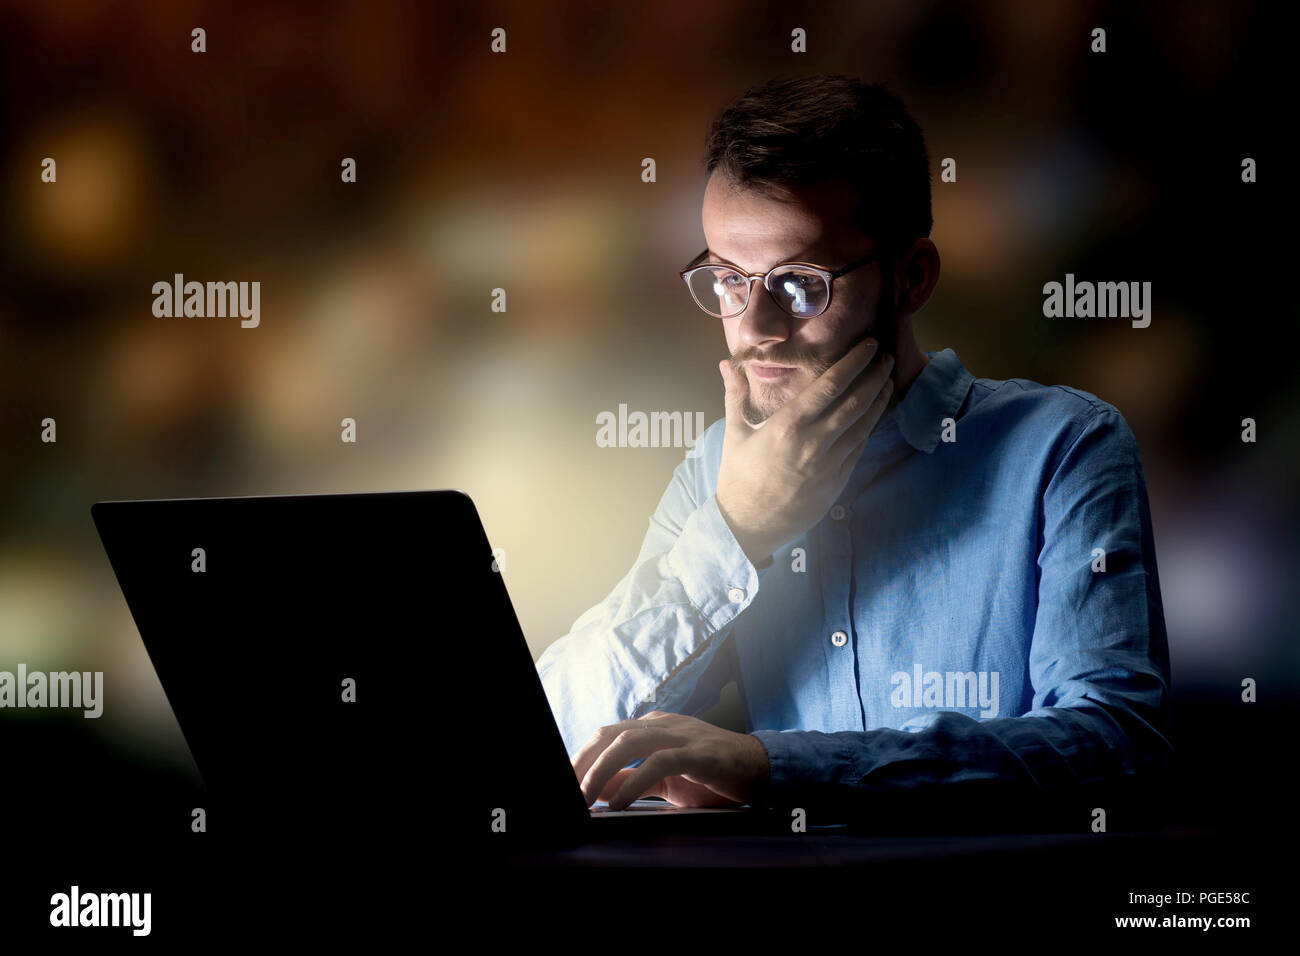 Joven apuesto empresario trabajar hasta tarde en la noche en la oficina Imagen De Stock